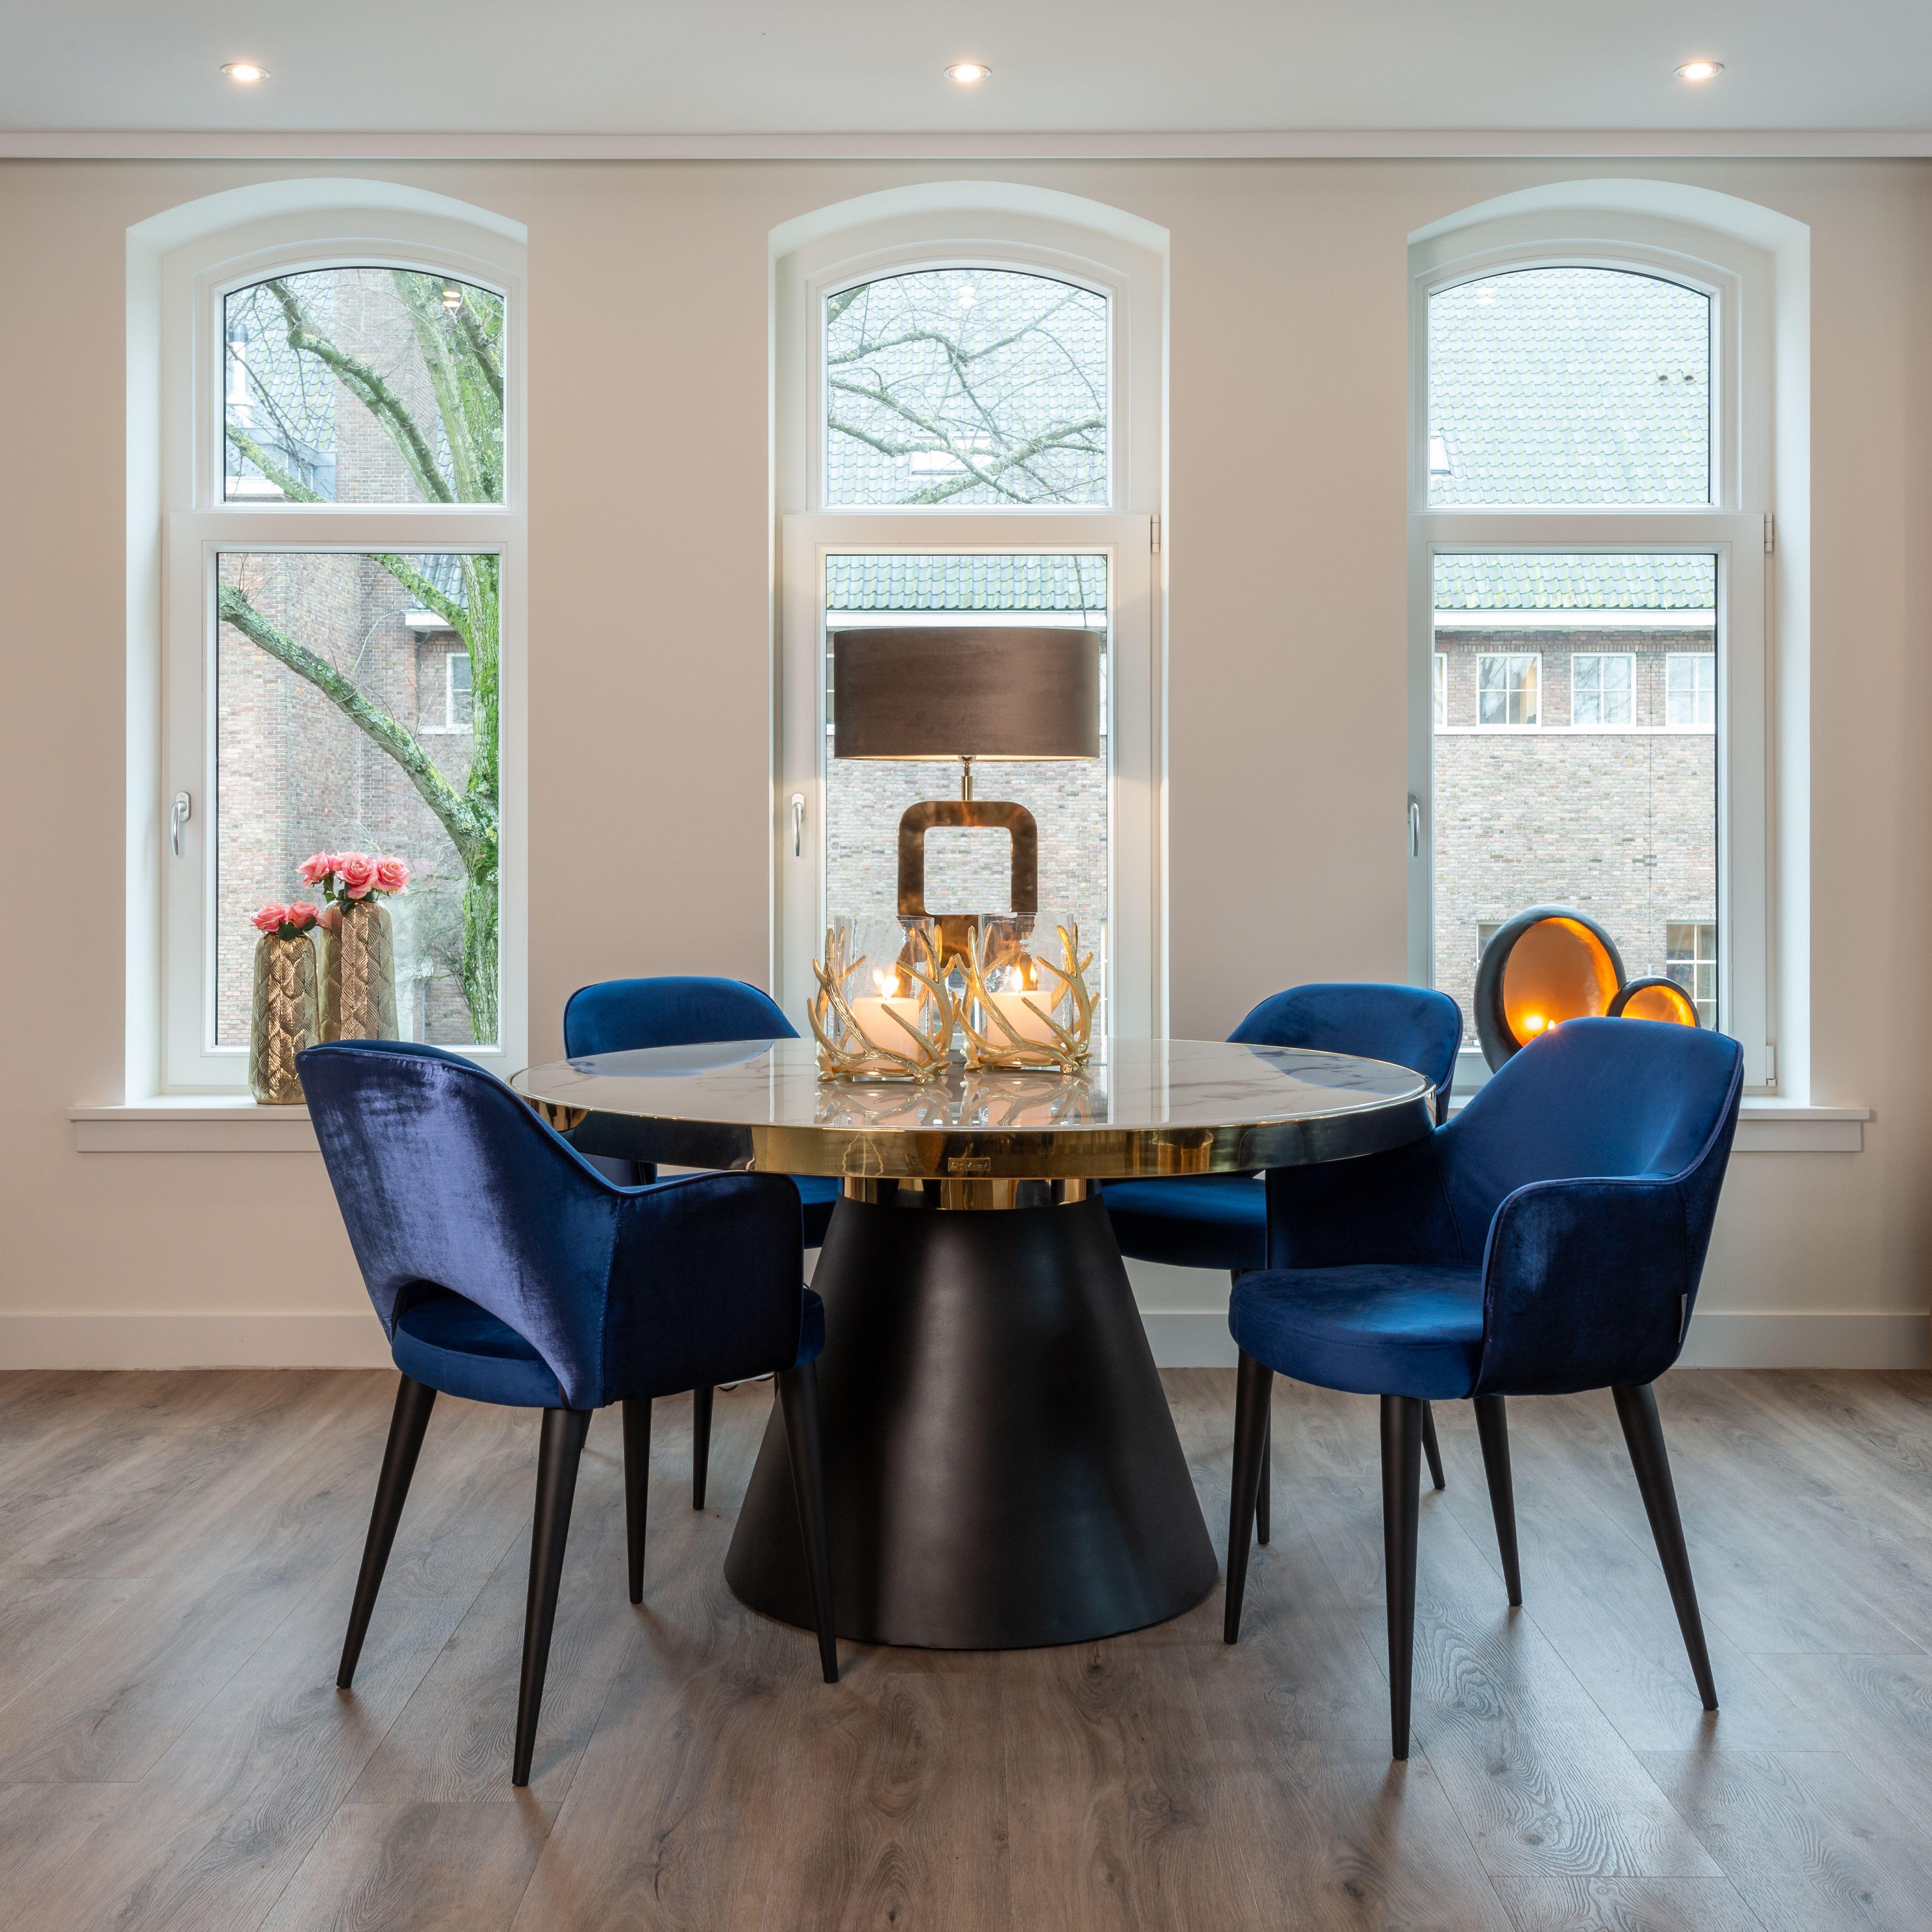 Blauwe Armstoel Richmond Interiors Velvet De Ruijtermeubel In 2020 Luxe Meubels Meubel Ideeen Stoelen